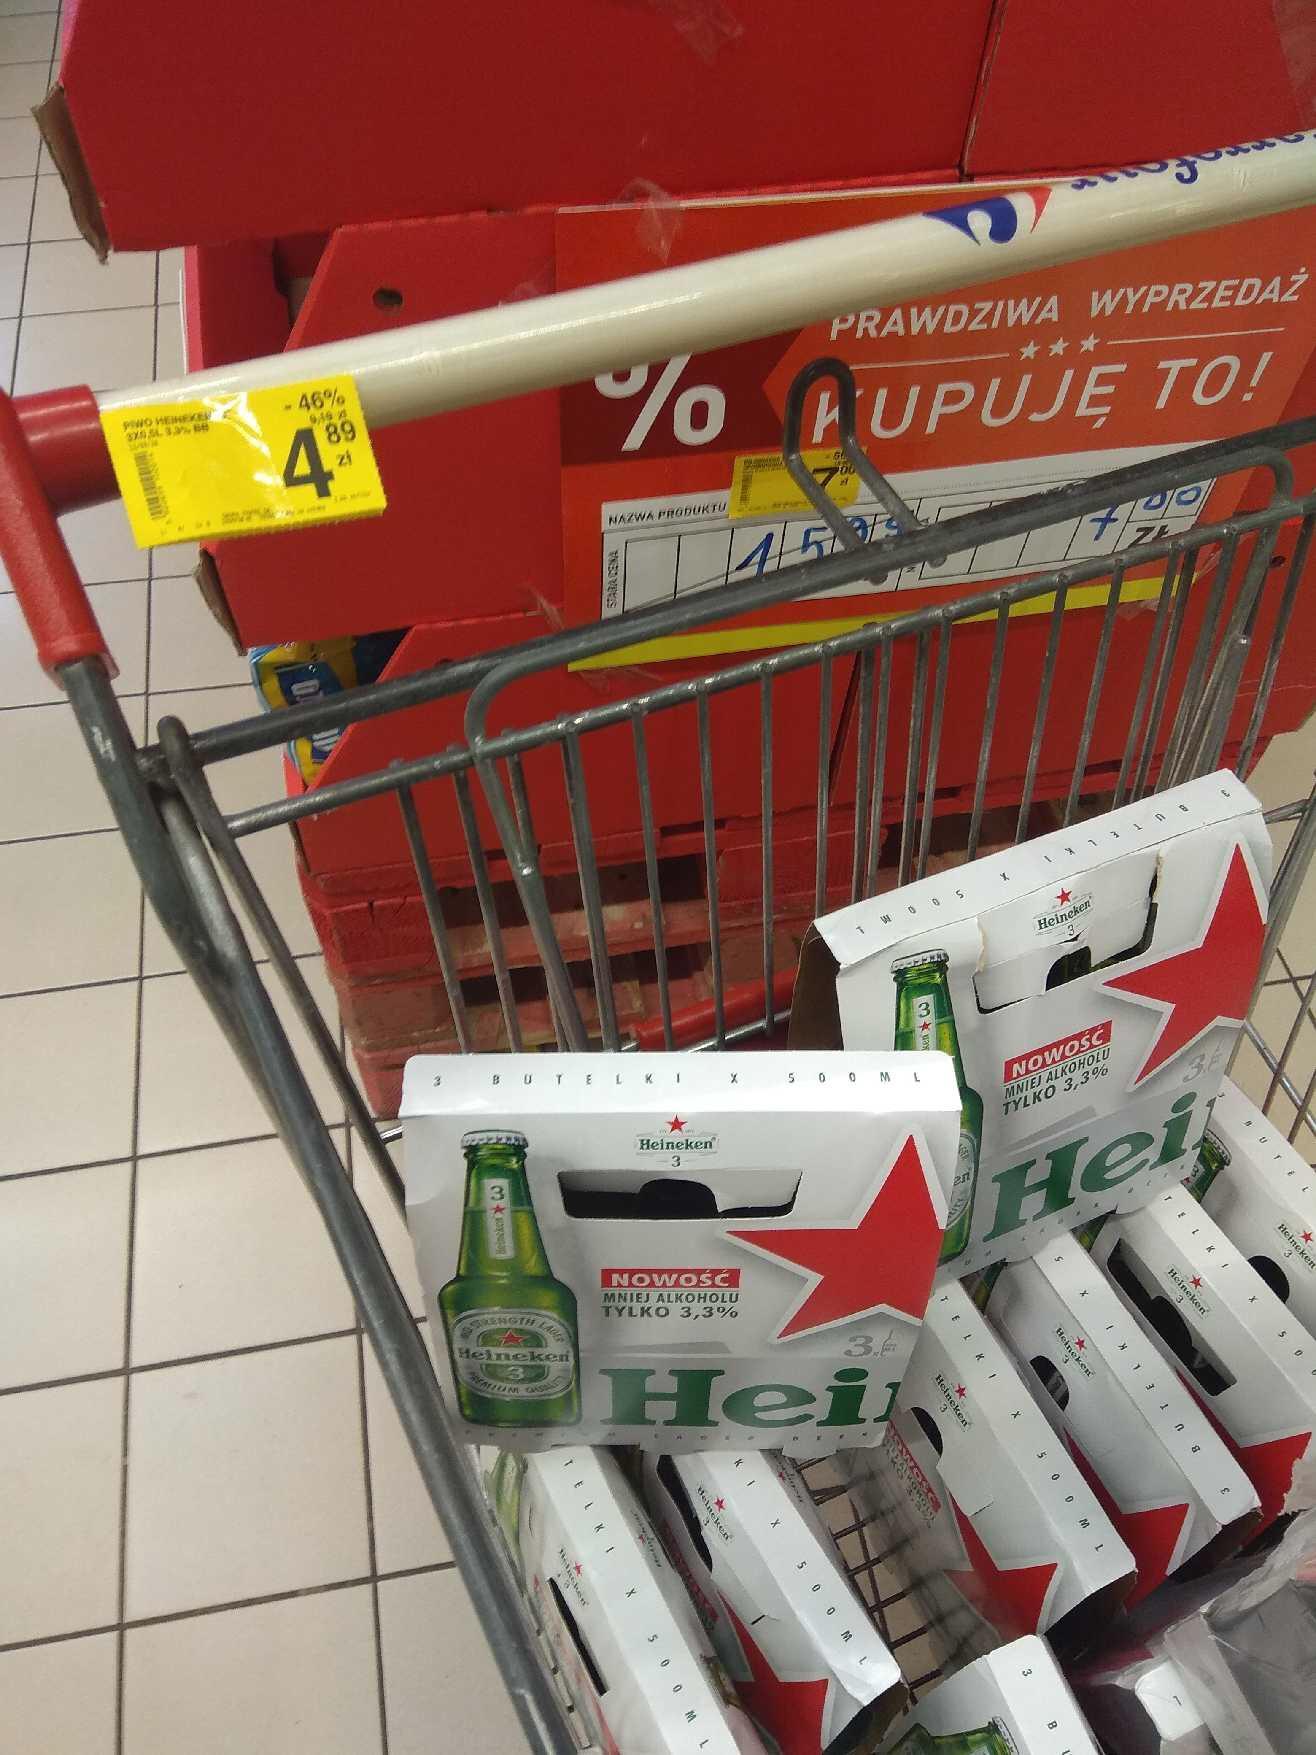 Piwo Heineken 3,3